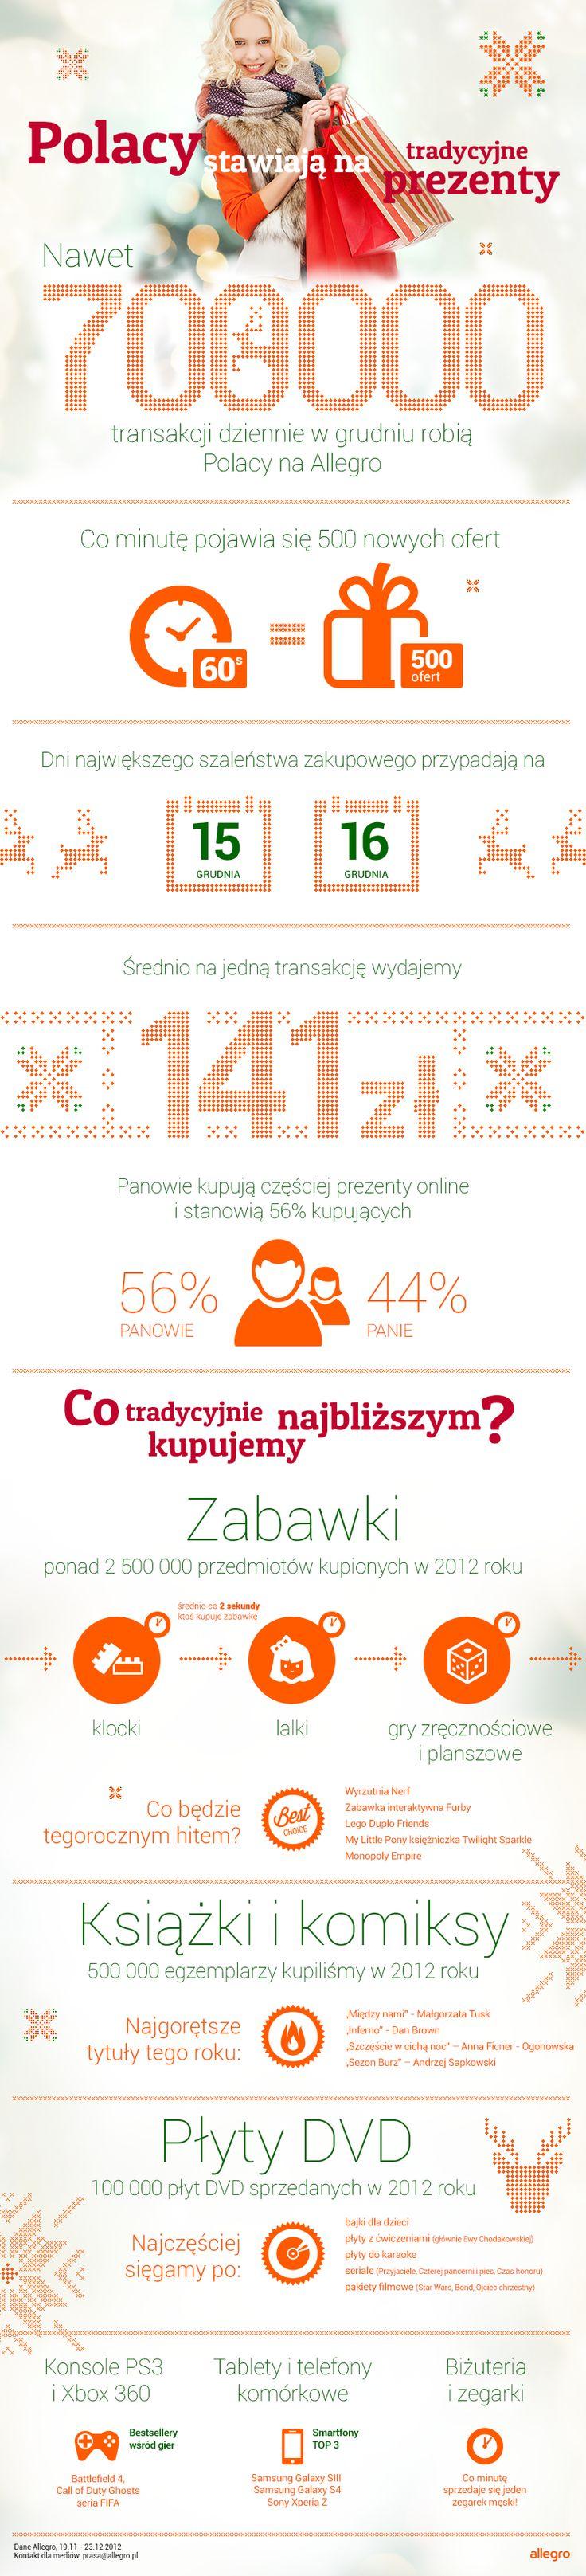 Polacy stawiają na tradycyjne prezenty